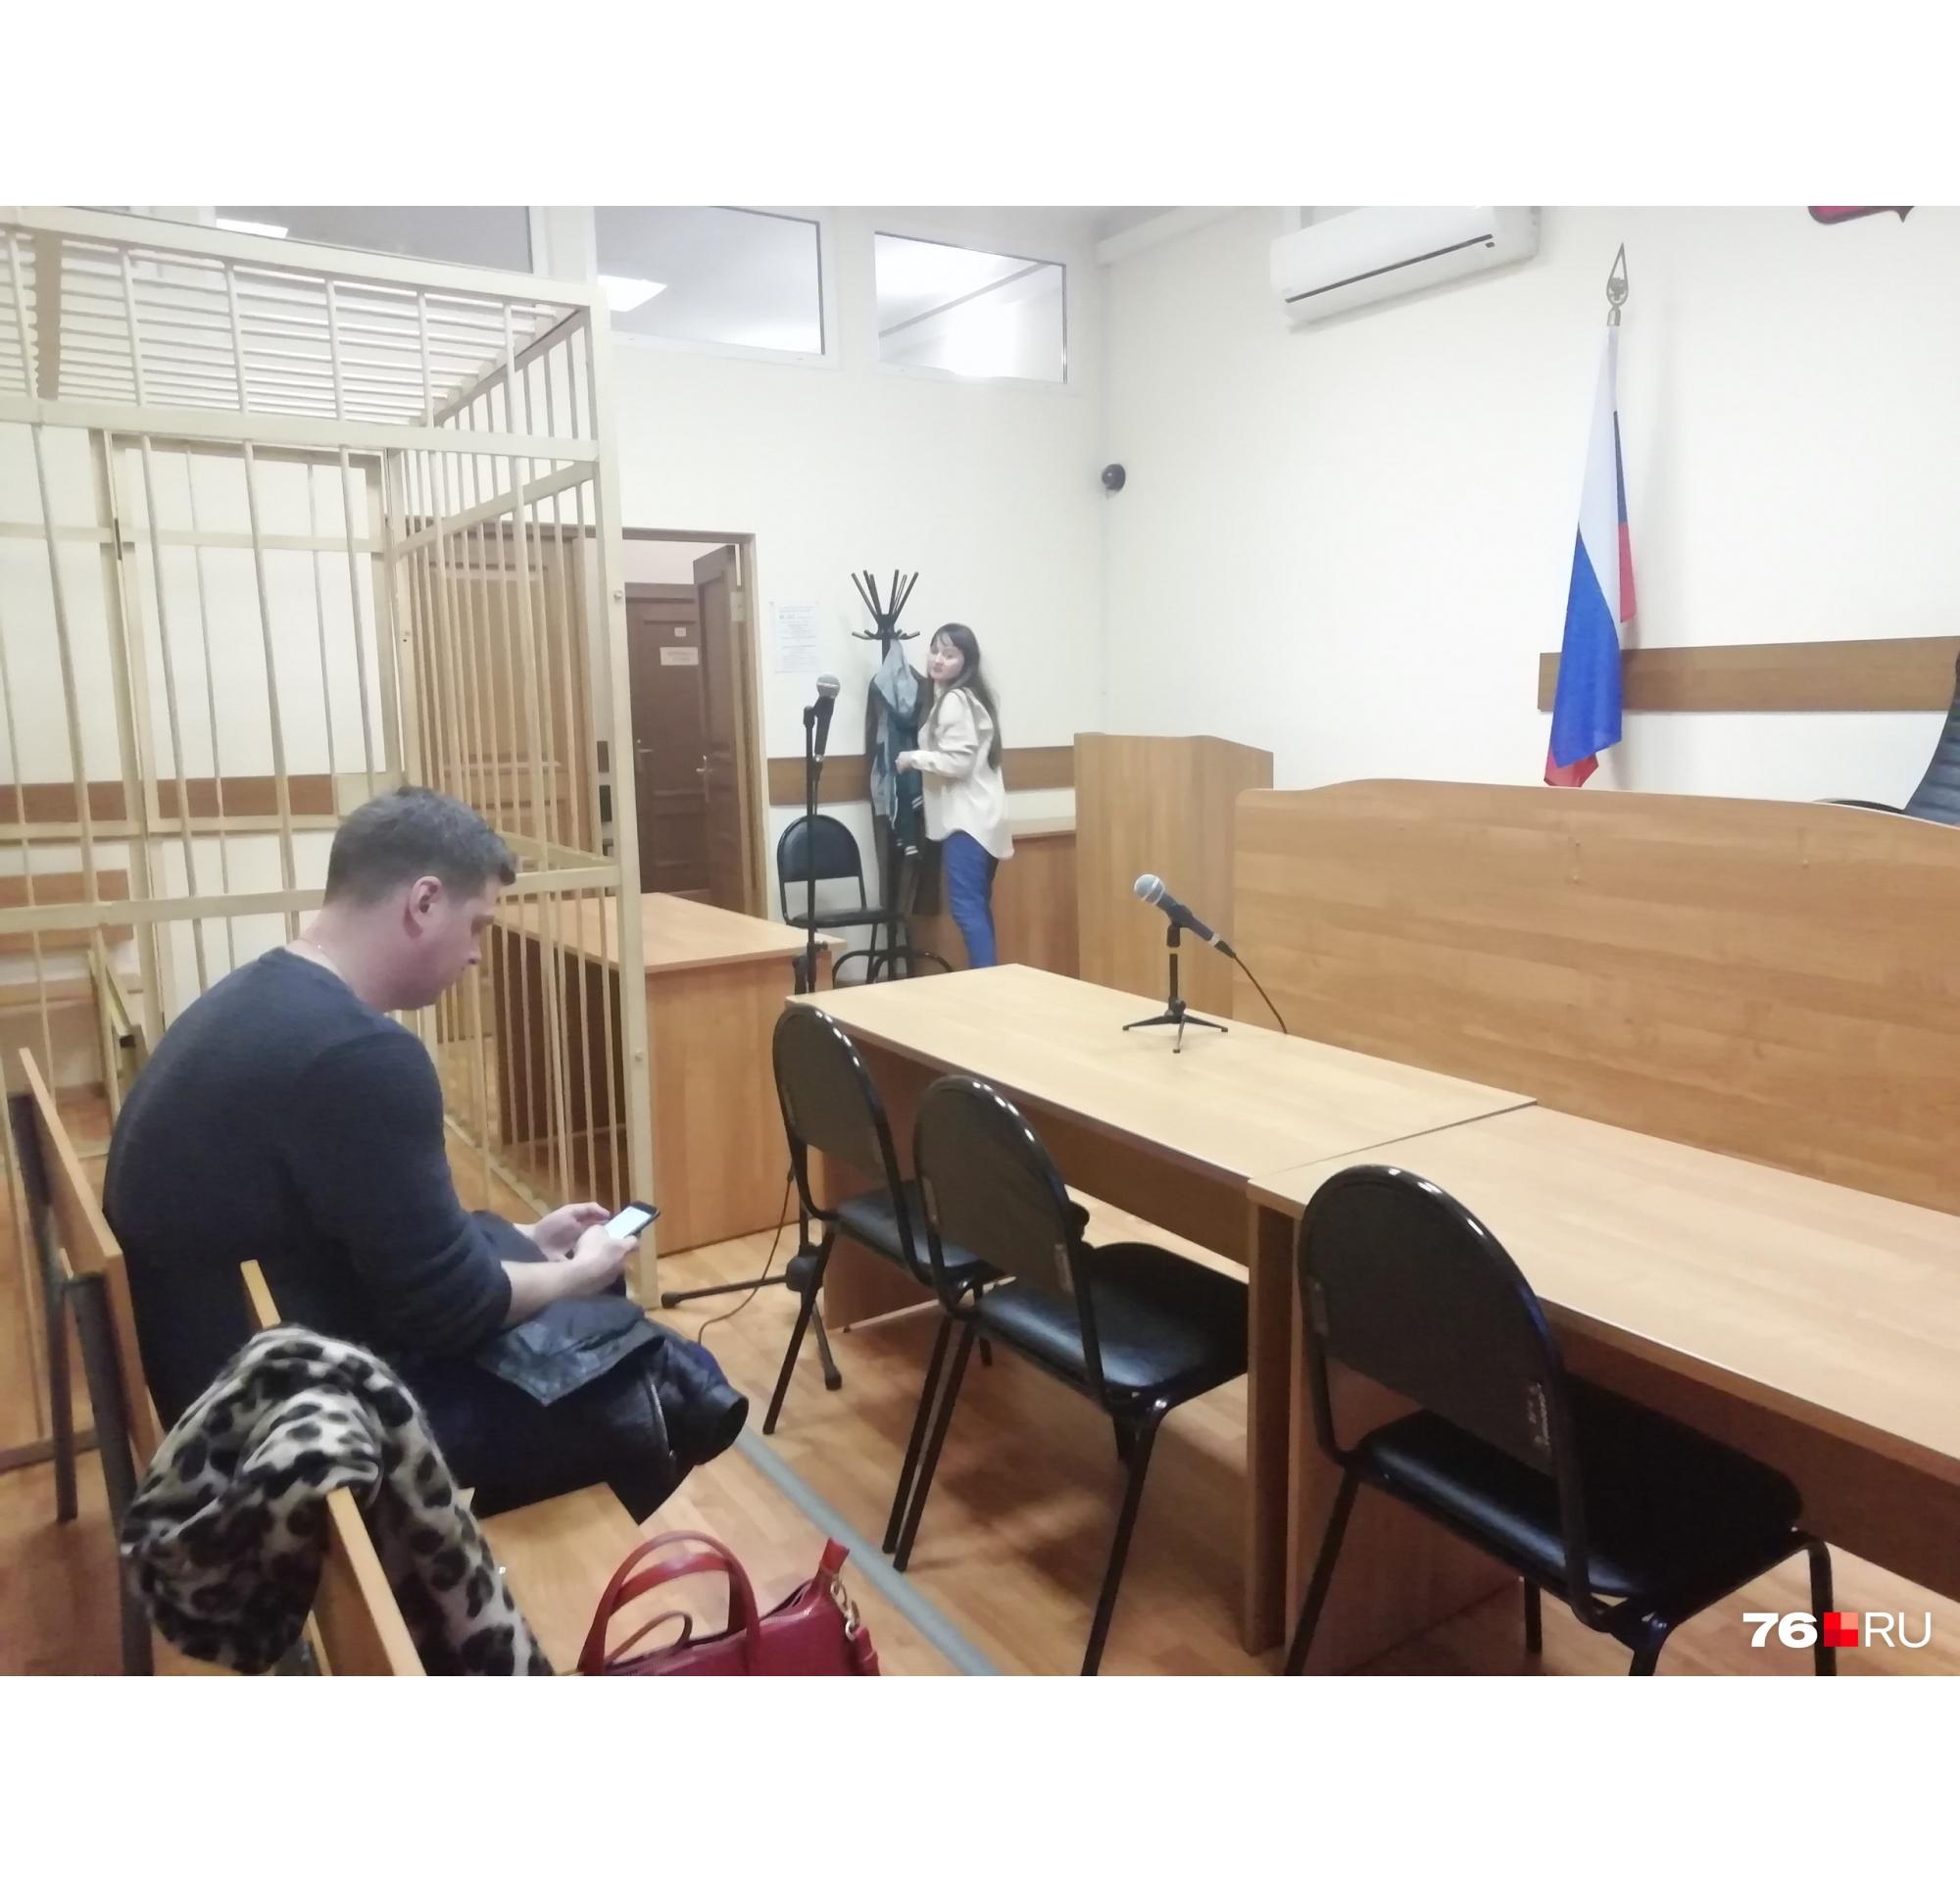 Зал заседаний готов для оглашения меры пресечения предполагаемому поджигателю жилого дома в Ростове